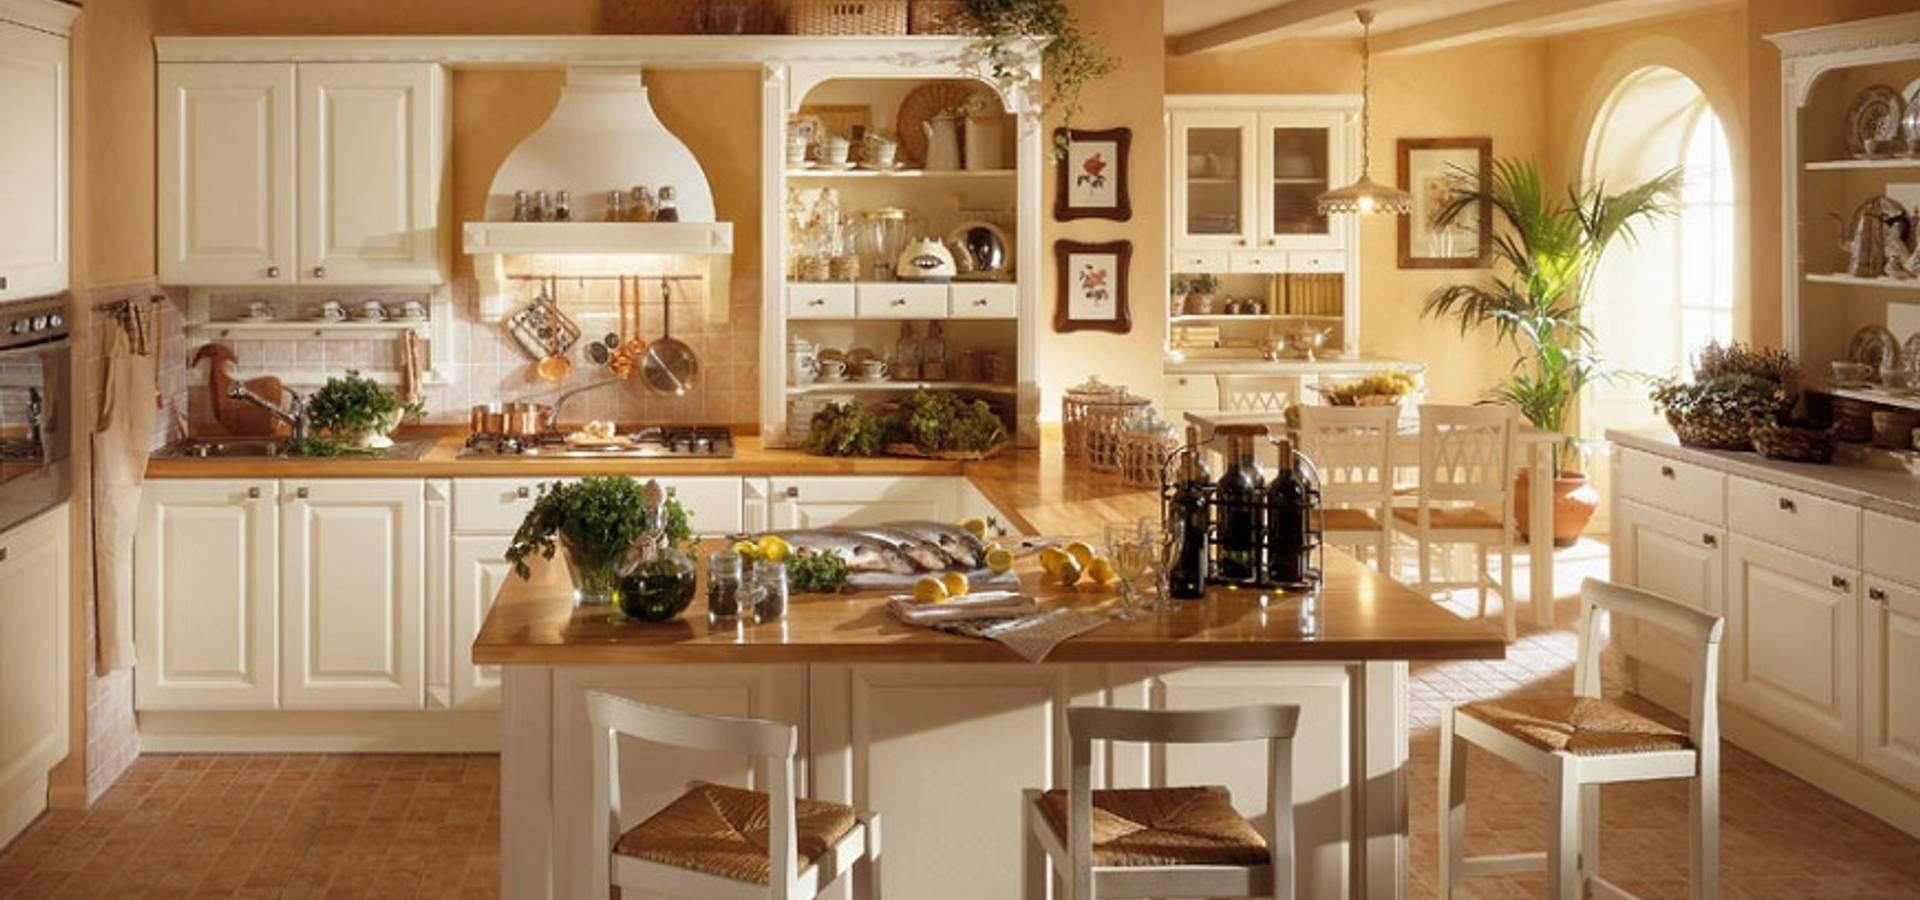 Arredamento cucina von Arredamenti Roma | homify